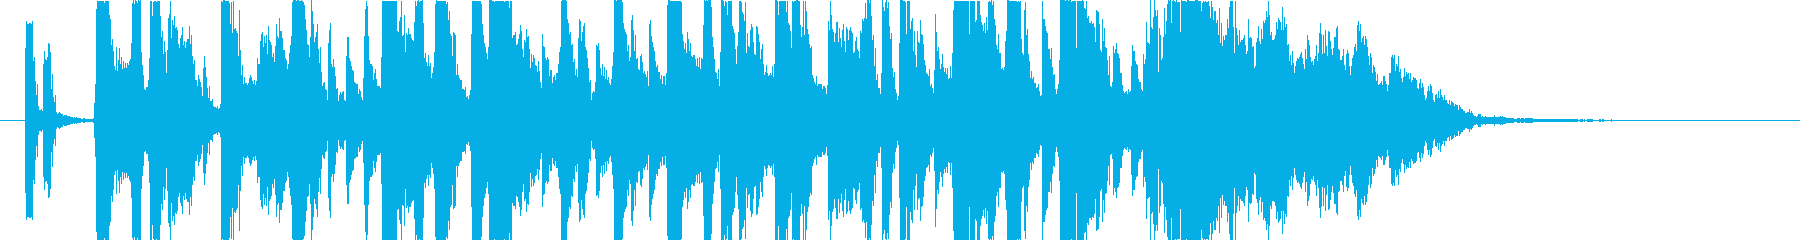 ジングル.ウキウキ.ガール.キュートの再生済みの波形